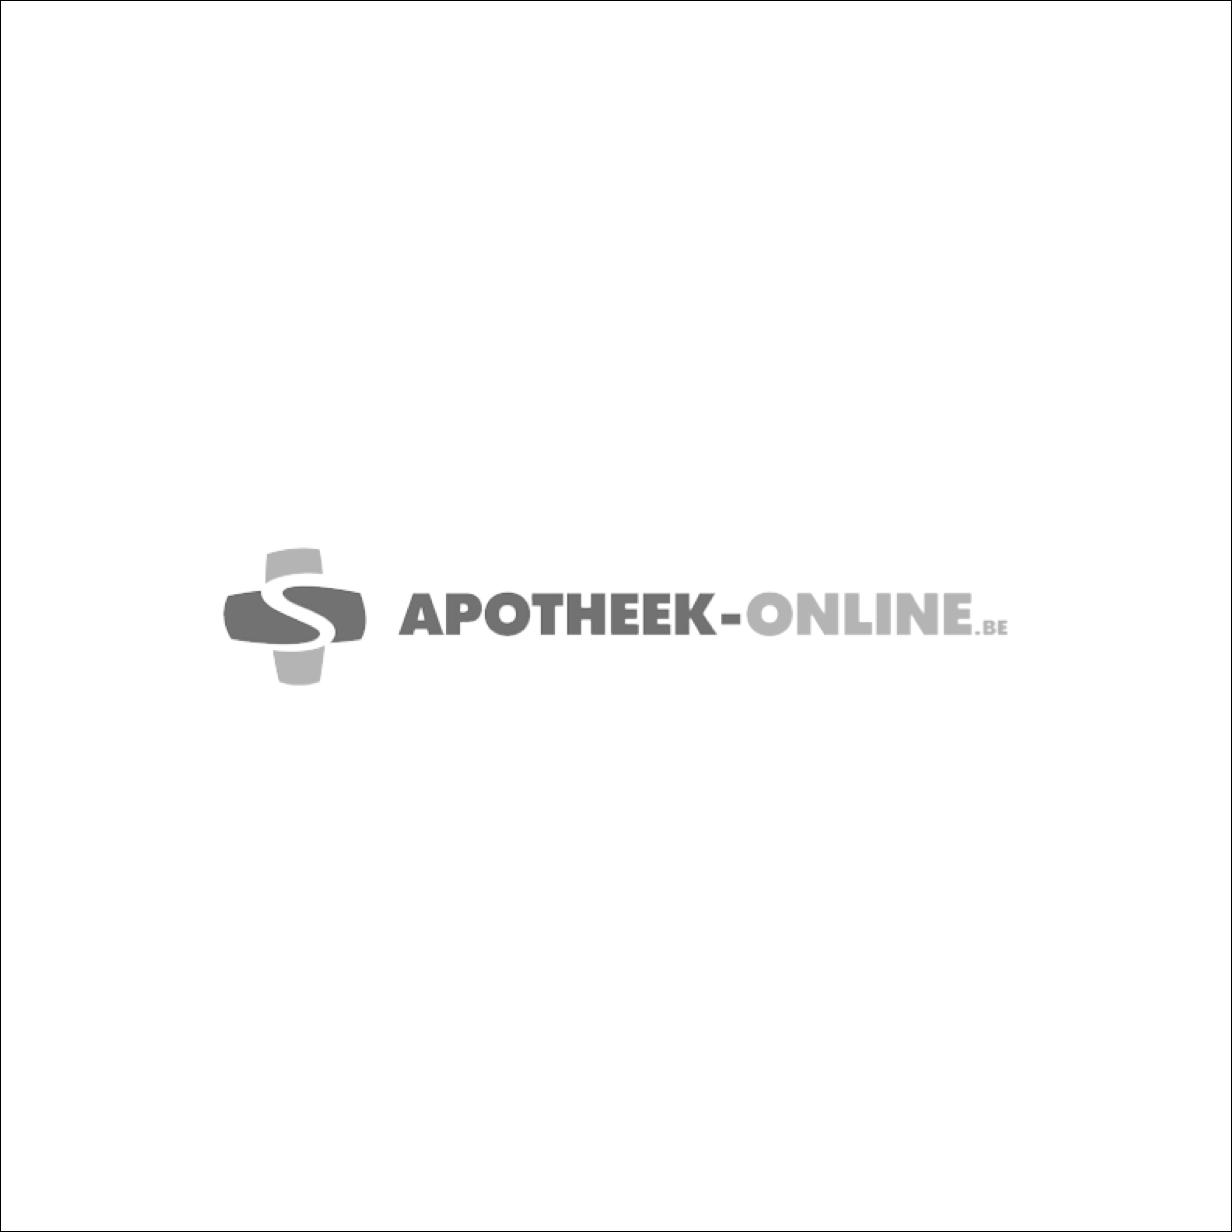 Bota Handpolsband+duim 105 White N2